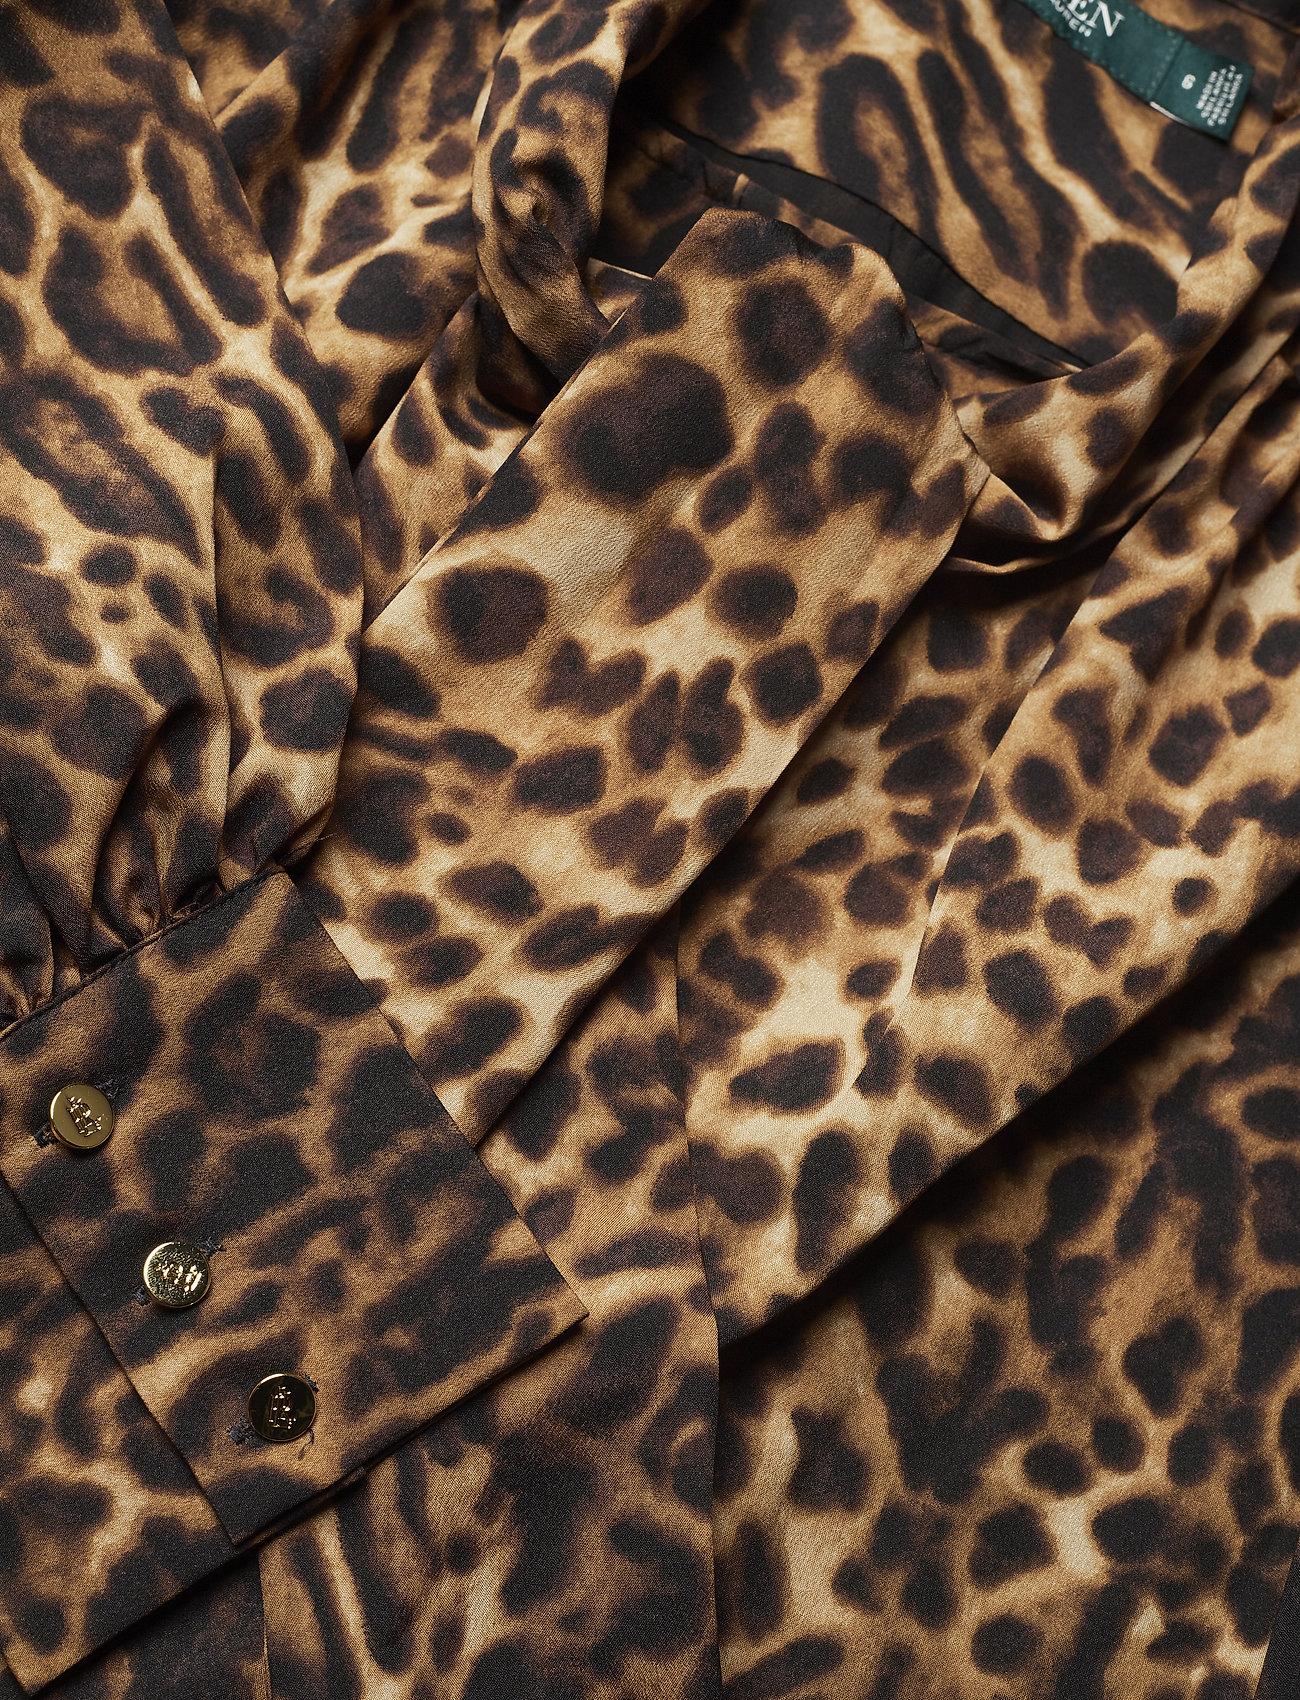 Lauren Ralph Lauren Crepe Tie-Neck Dress - Kjoler POLO BLACK MULTI - Dameklær Spesialtilbud